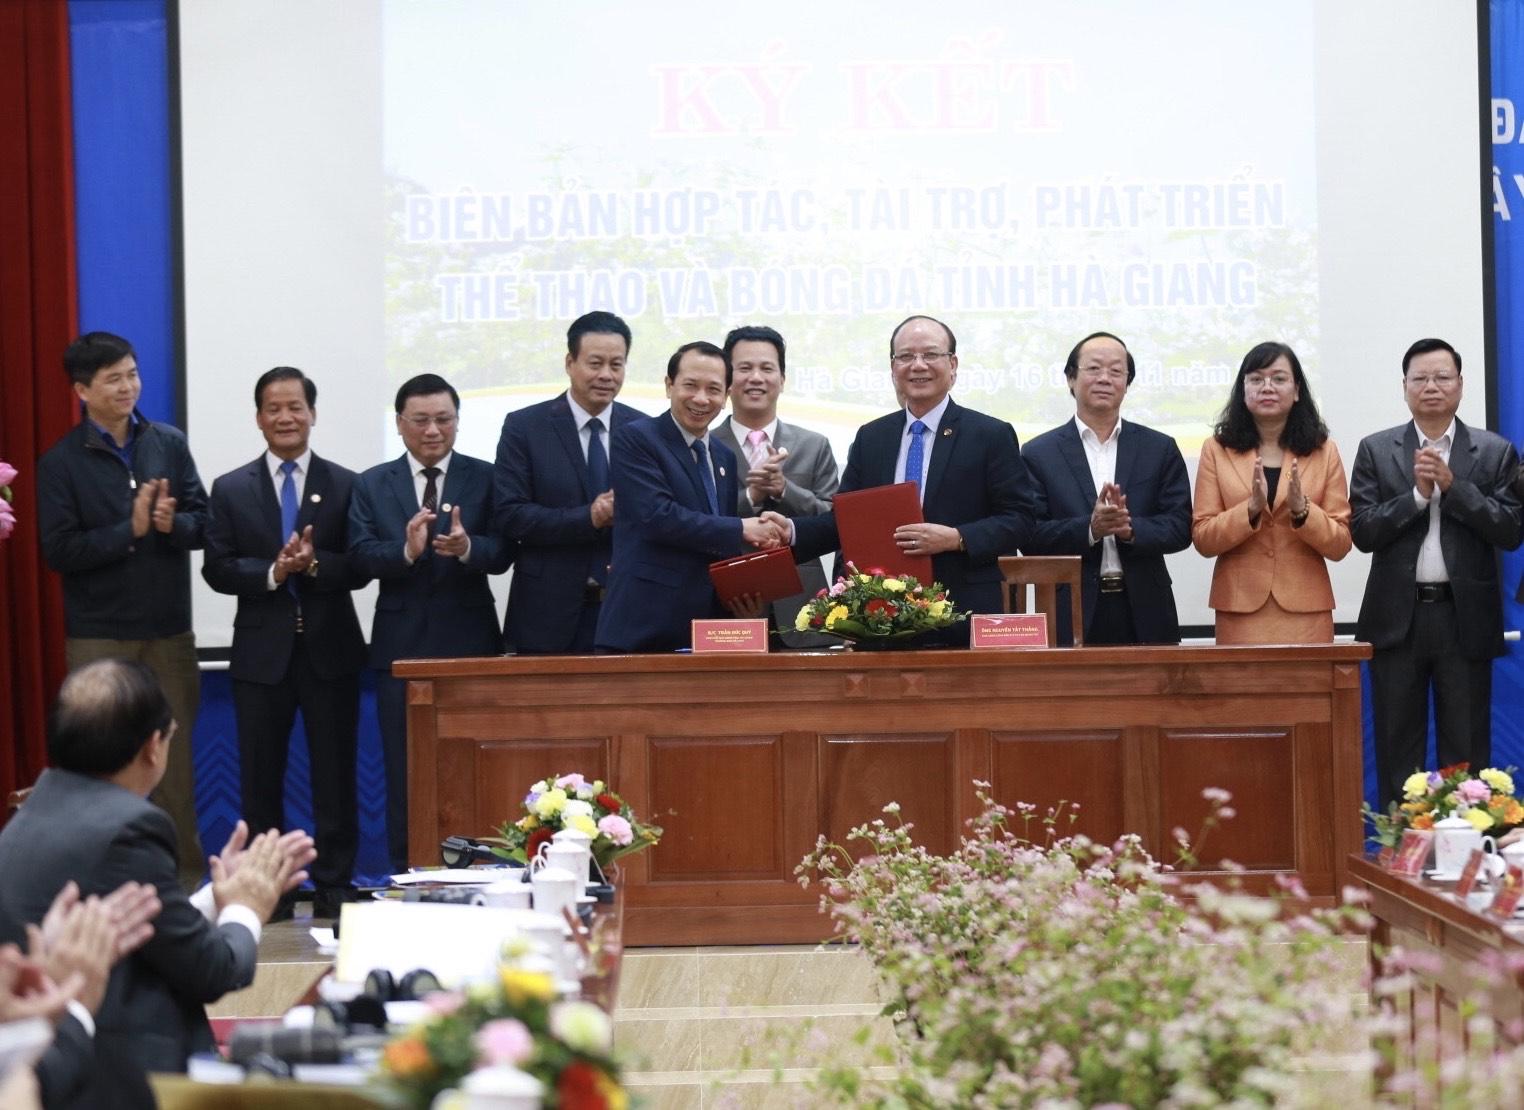 Tập đoàn T&T Group trao tặng tỉnh Hà Giang 1.000 căn nhà tình nghĩa  - ảnh 1